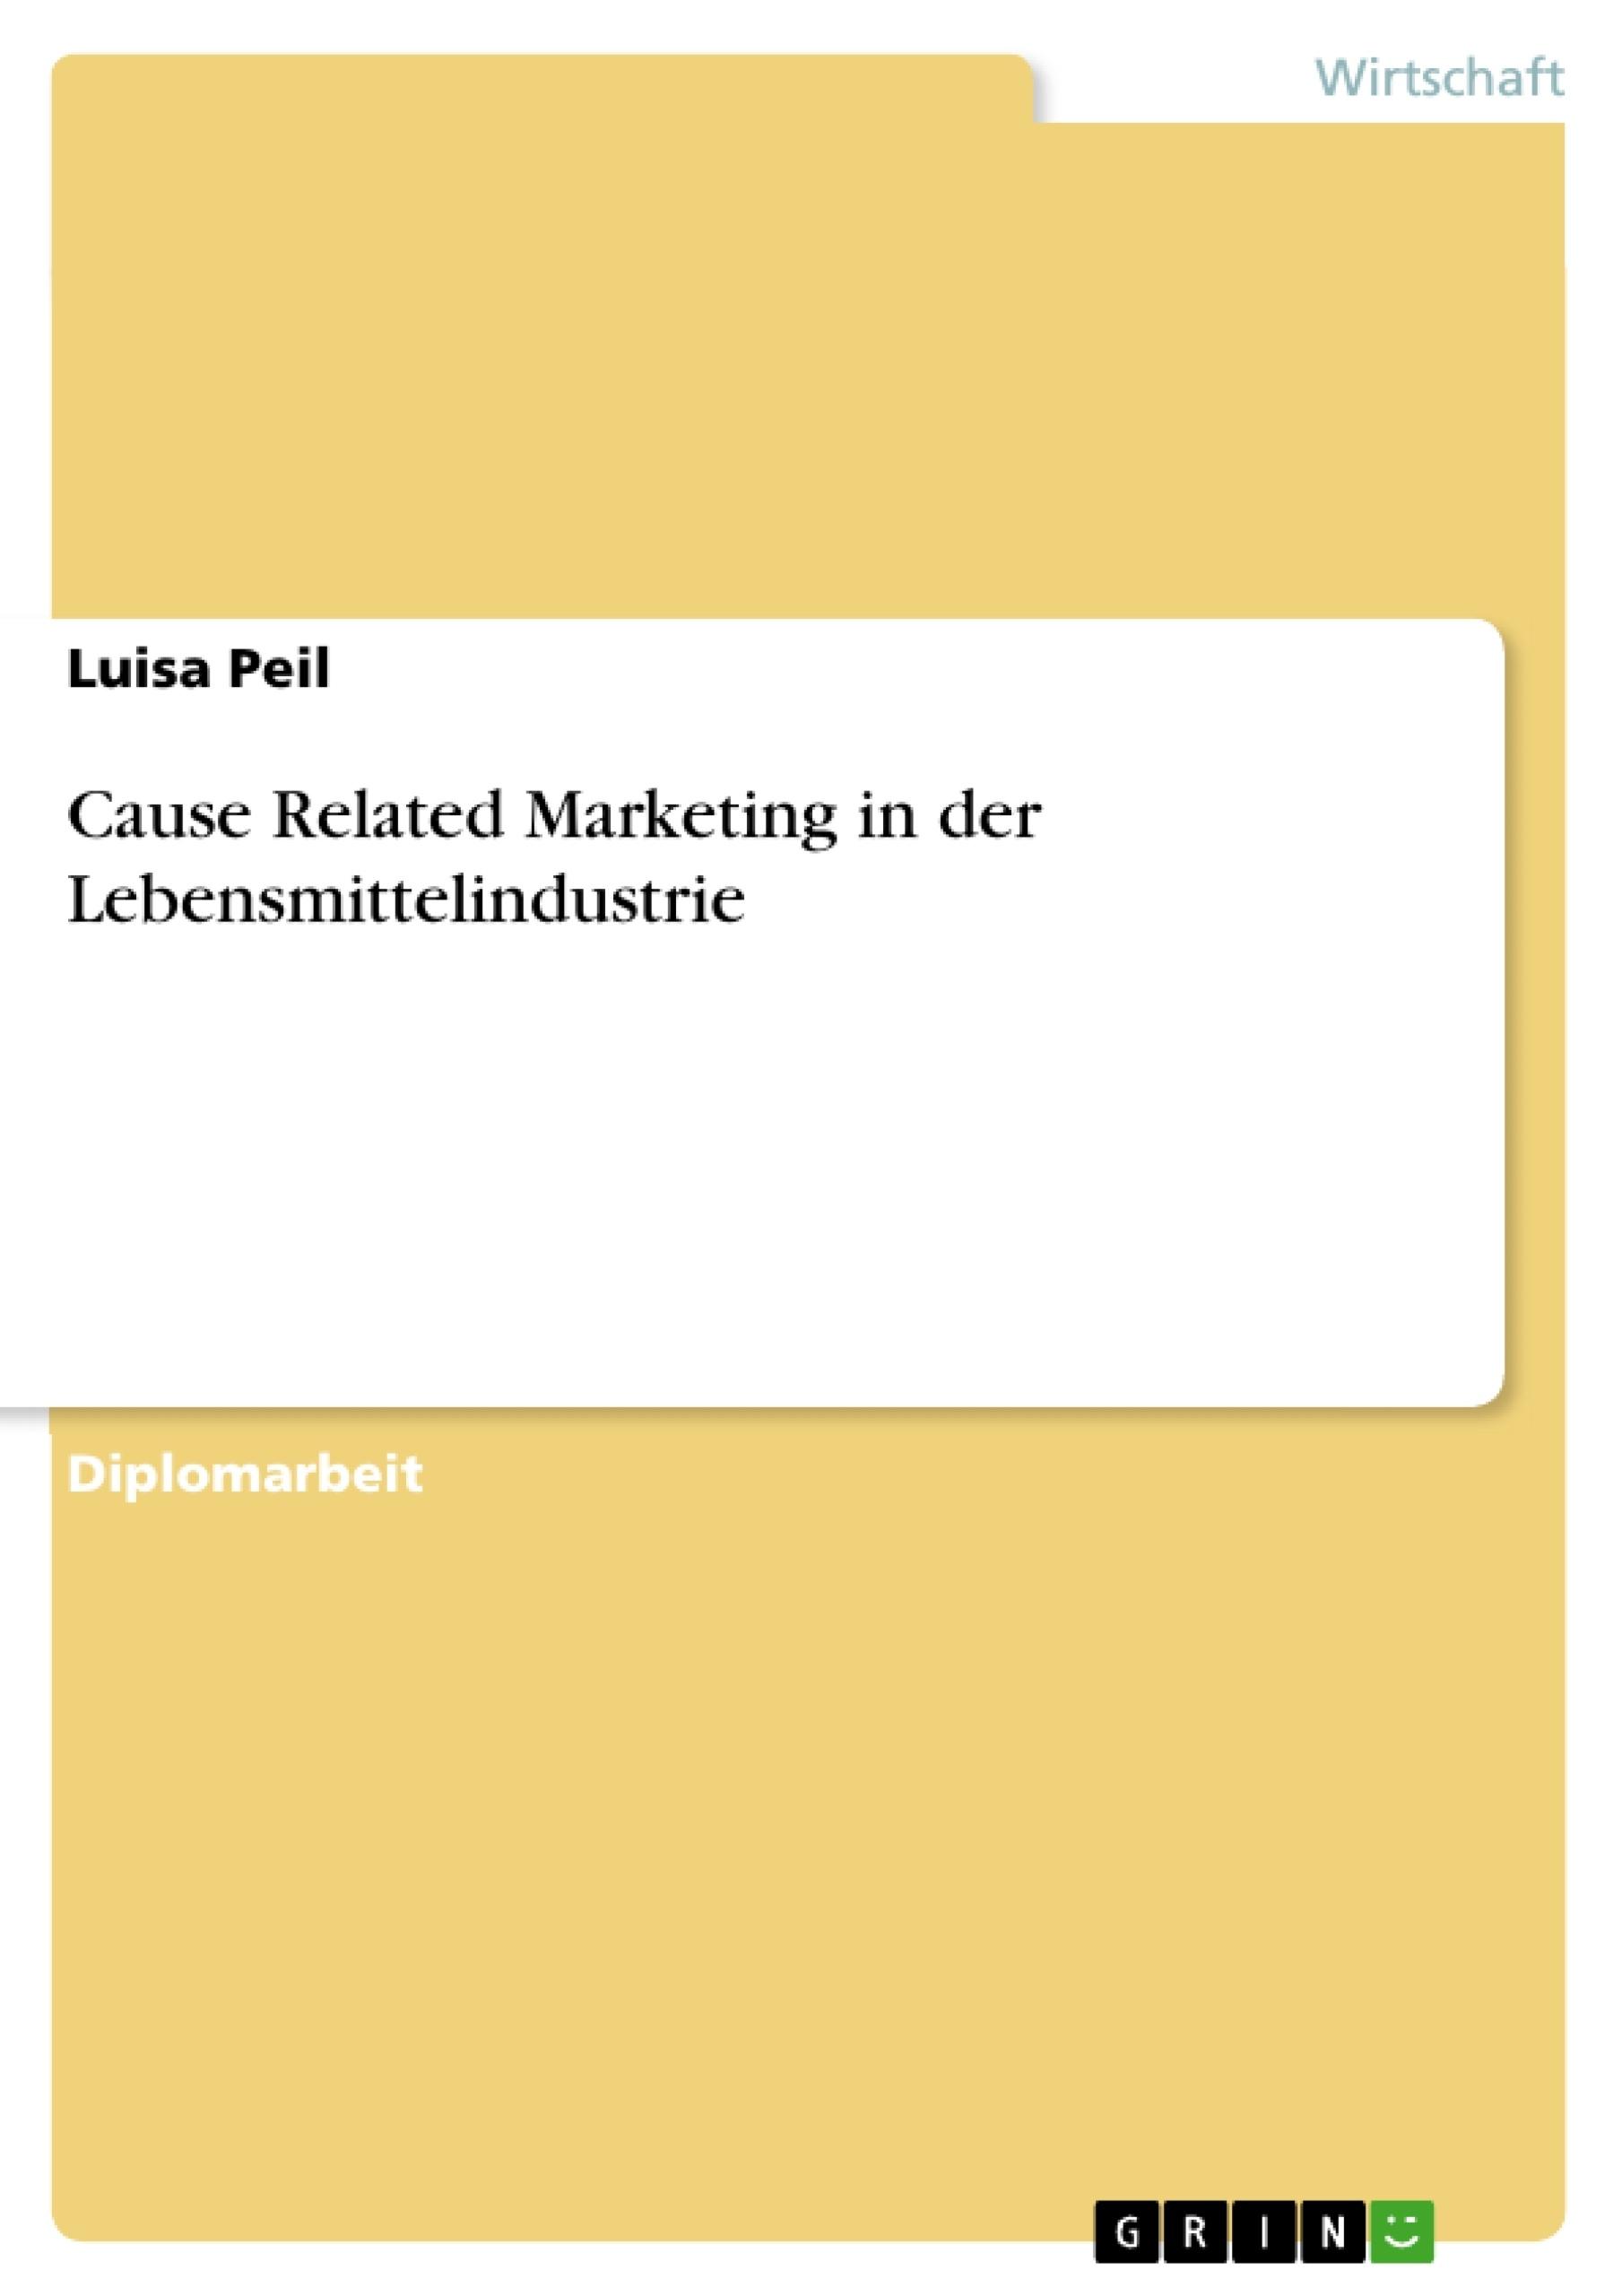 Titel: Cause Related Marketing in der Lebensmittelindustrie